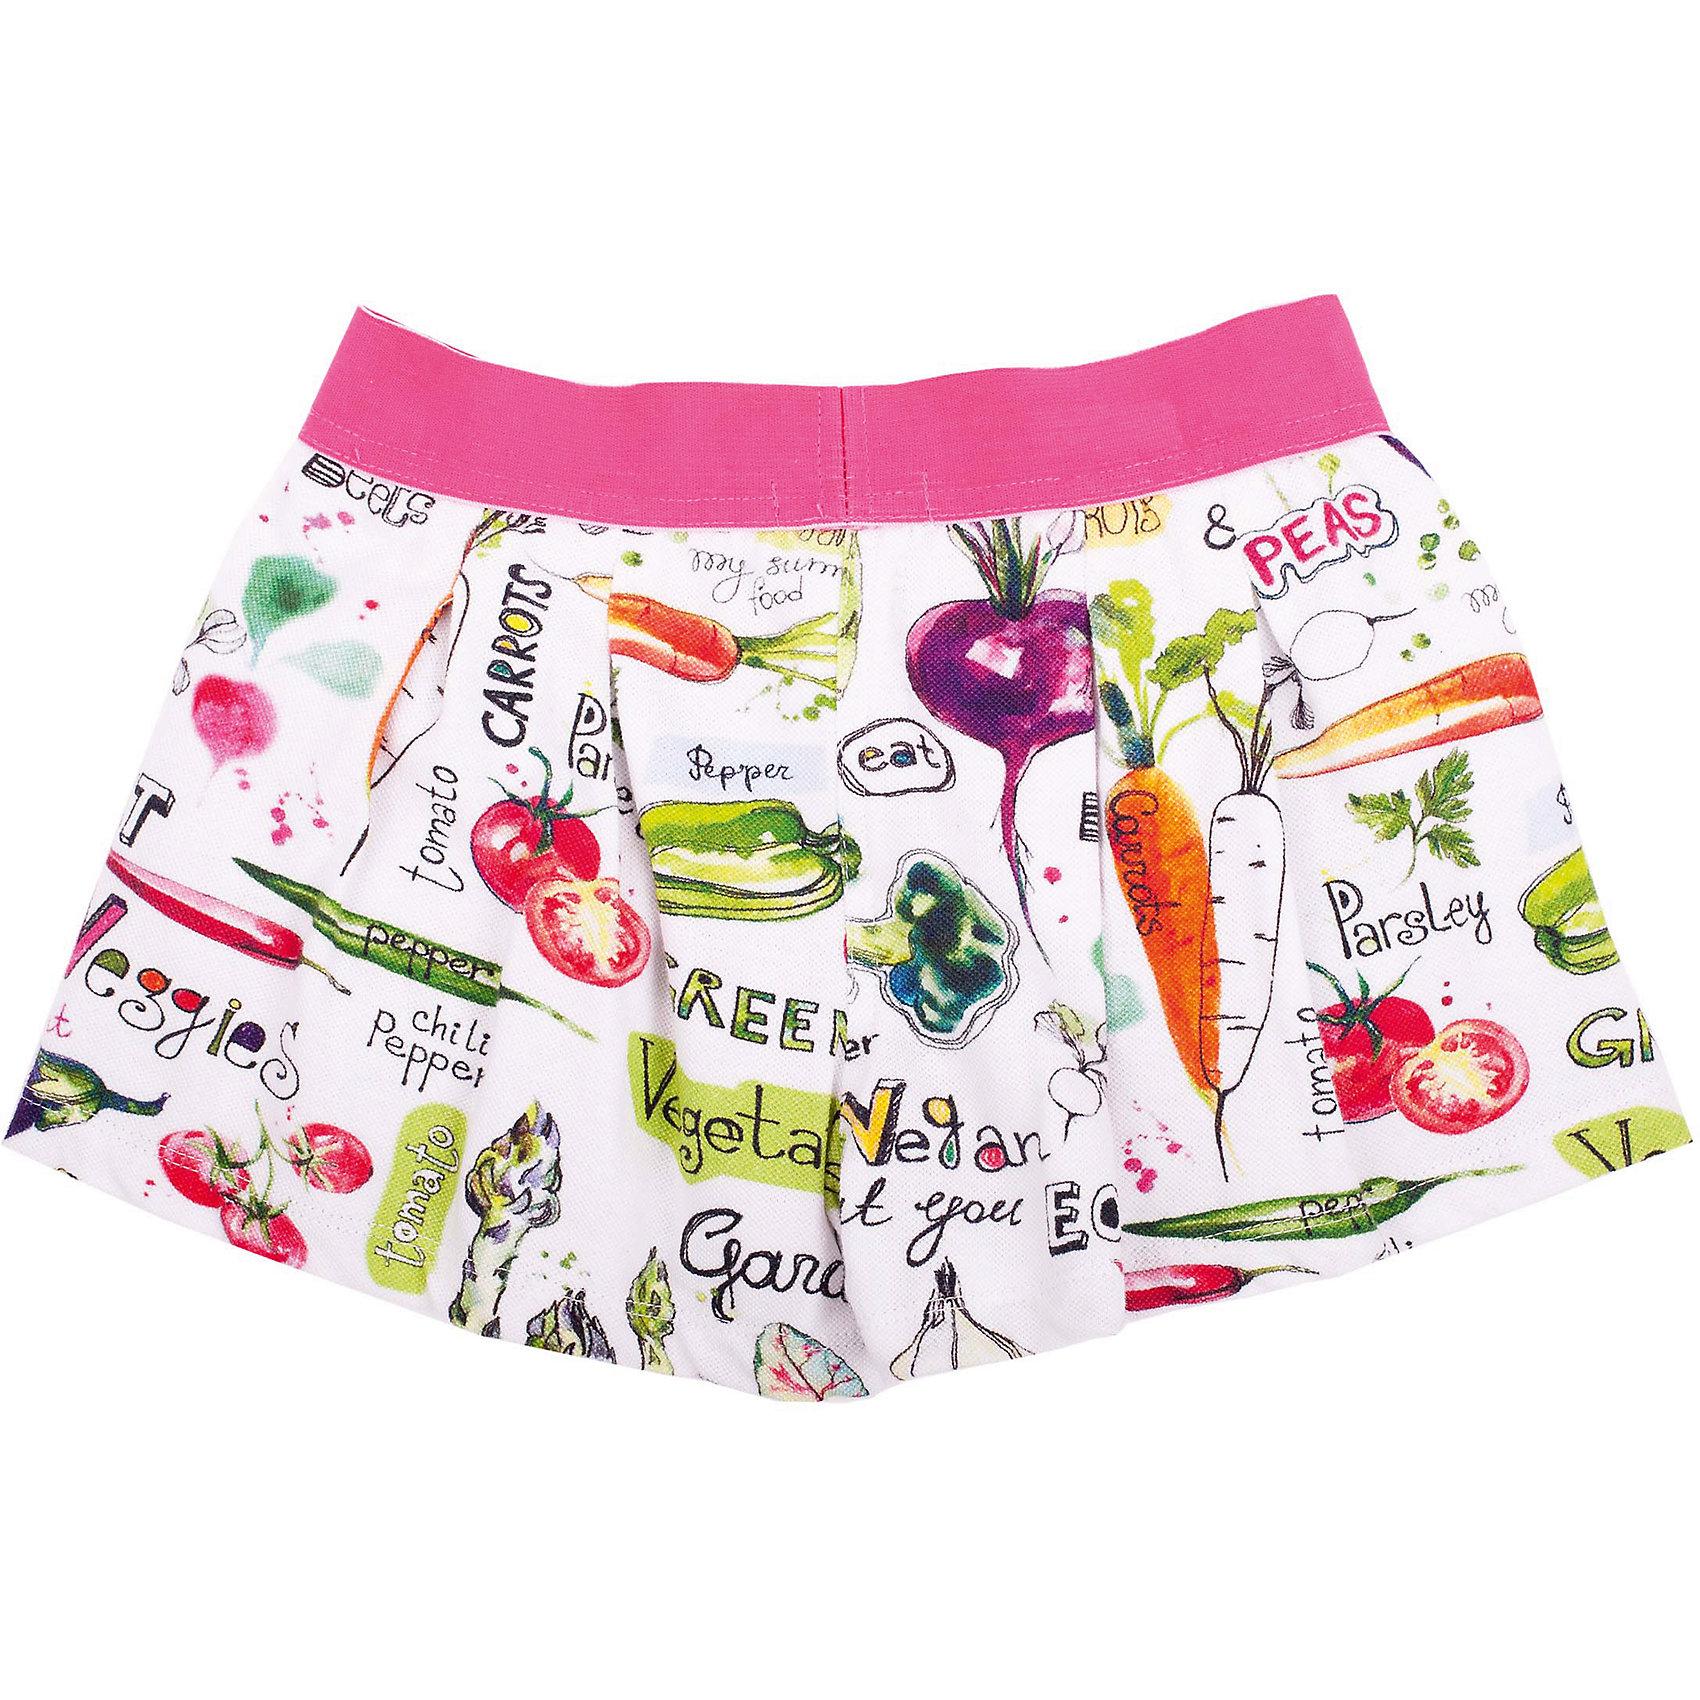 Шорты для девочки GulliverШорты, бриджи, капри<br>Трикотажные шорты из 100% хлопка! Что может быть лучше, комфортнее и удобнее для ребенка в повседневной носке? Только яркие шорты на резинке, выполненные из эффектного орнаментального полотна. Крупные складки на передней и задней части изделия придают шортам объем, что делает их похожими на юбку-шорты! С любой майкой, футболкой, топом шорты составят прекрасный летний комплект - легкий, удобный, красивый.<br>Состав:<br>95% хлопок      5% эластан<br><br>Ширина мм: 191<br>Глубина мм: 10<br>Высота мм: 175<br>Вес г: 273<br>Цвет: белый<br>Возраст от месяцев: 72<br>Возраст до месяцев: 84<br>Пол: Женский<br>Возраст: Детский<br>Размер: 122,104,110,98,116<br>SKU: 4534533